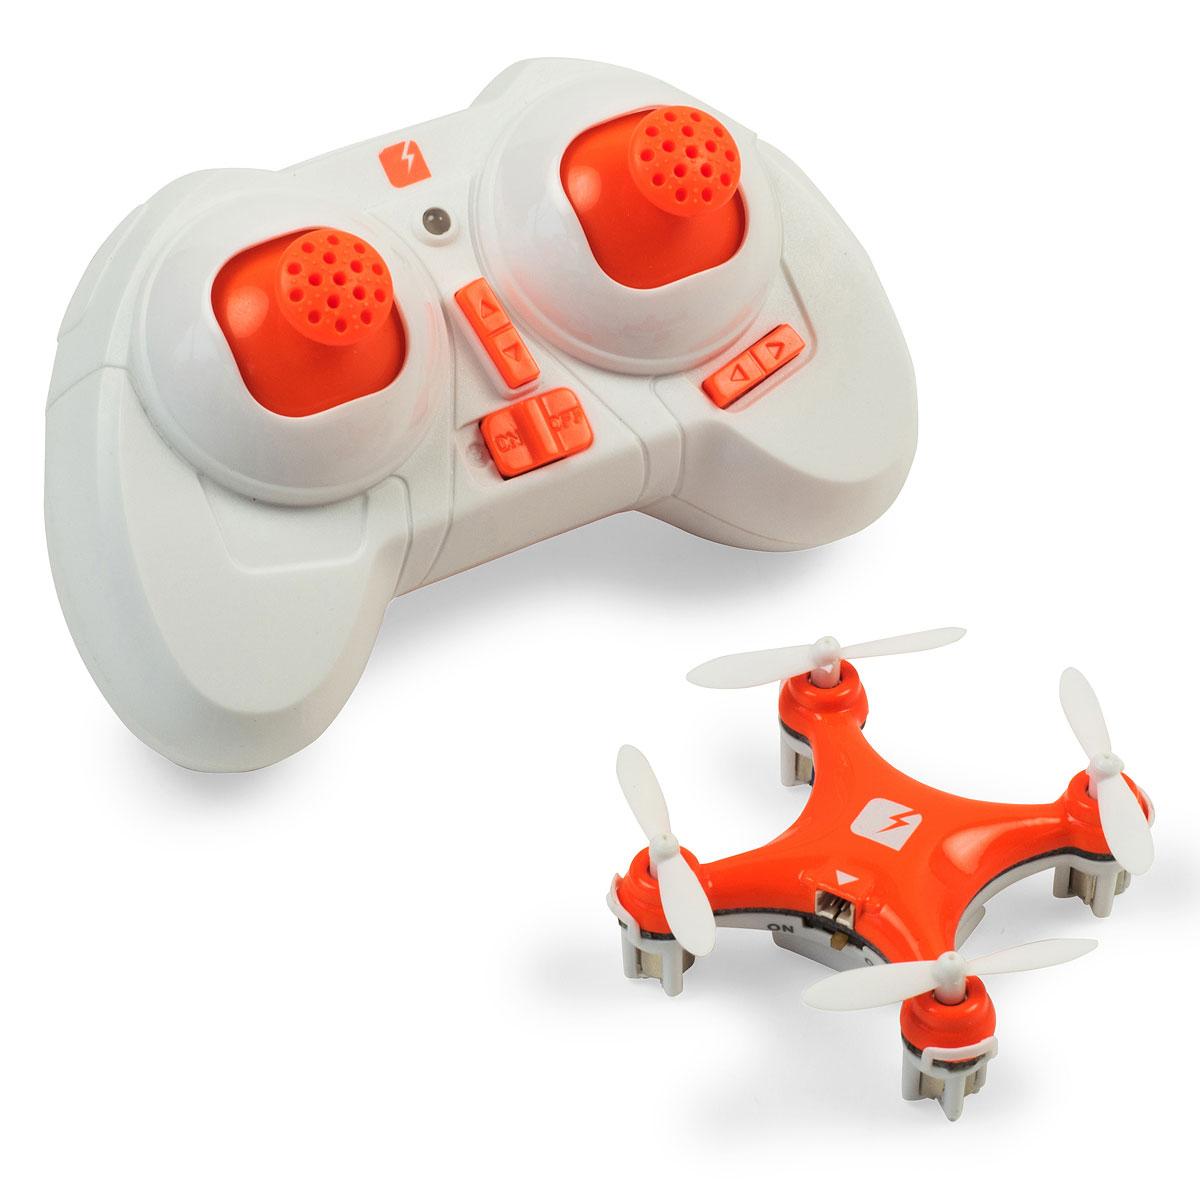 skeye-nano-drone-18